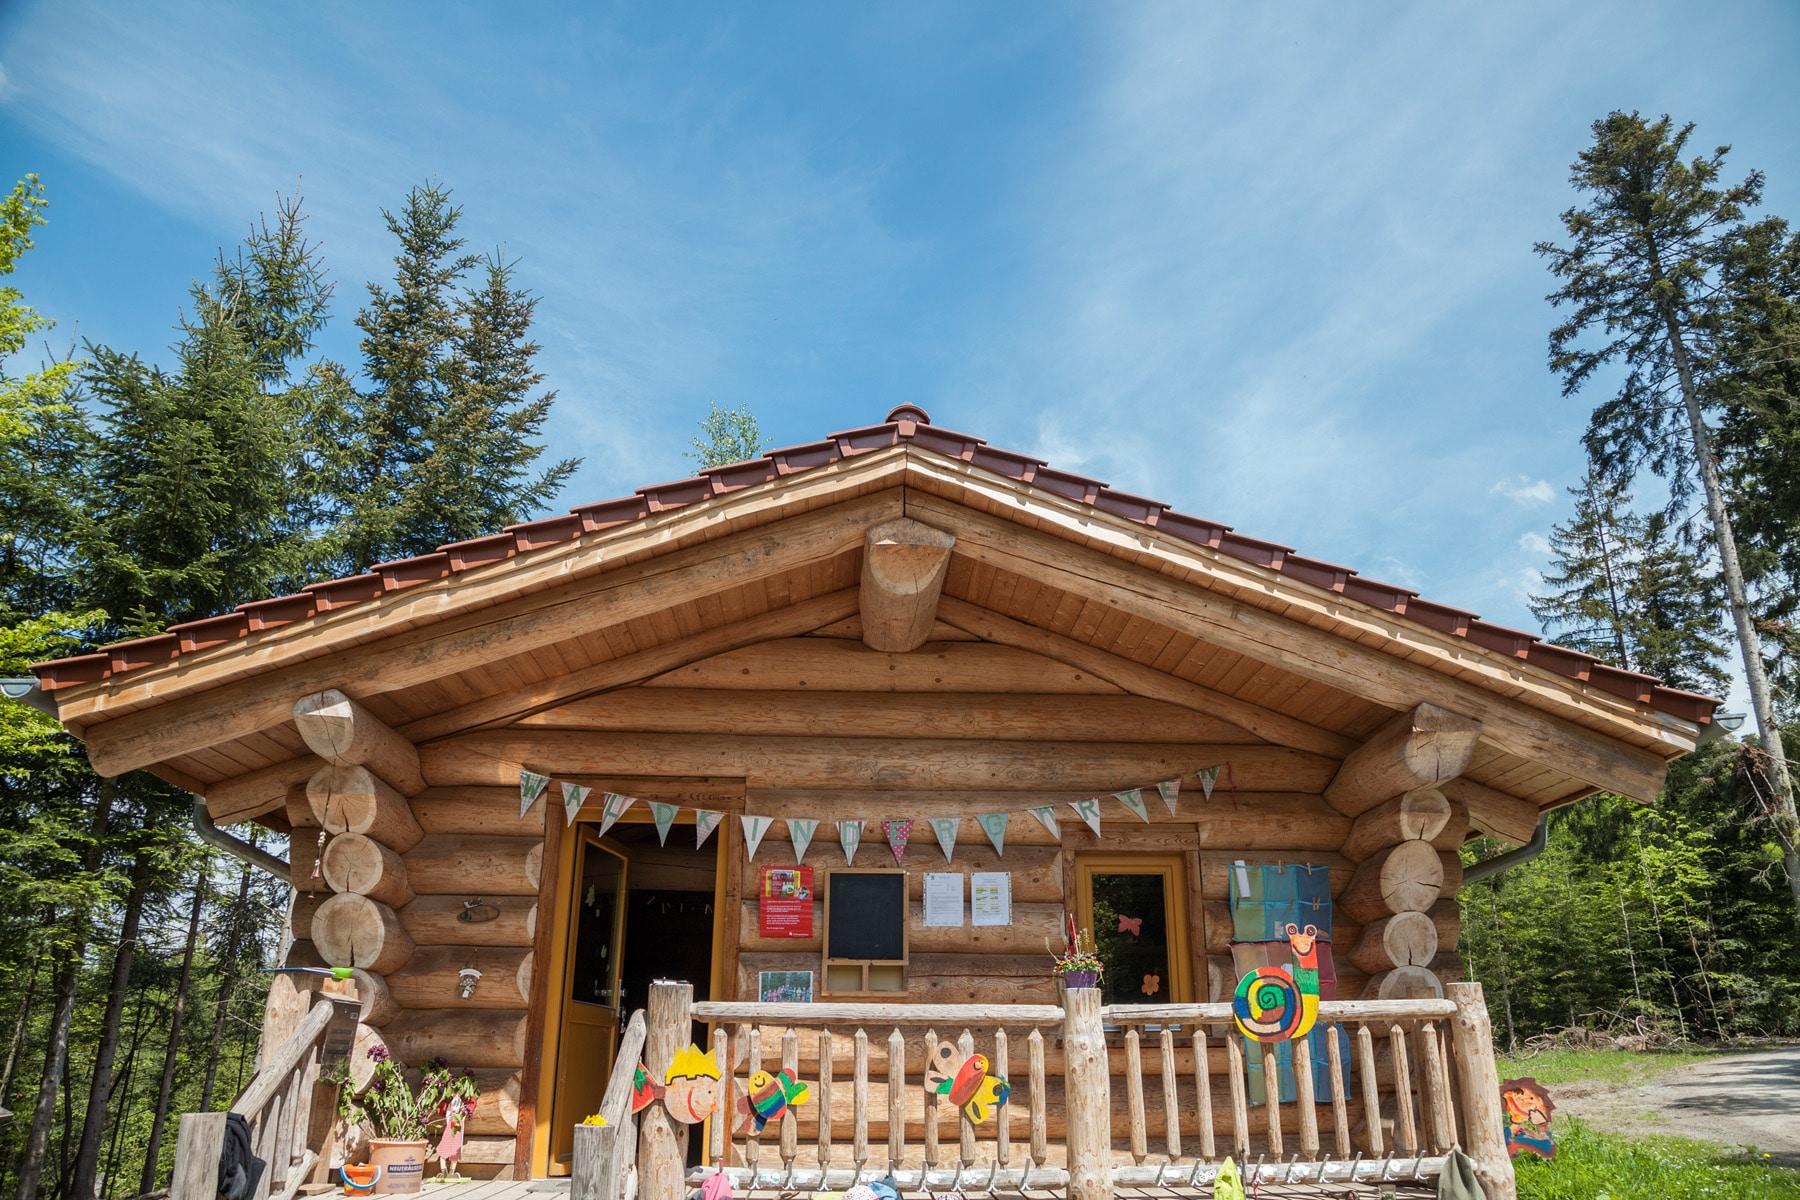 projekt waldkindergarten team kanadablockhaus gmbh. Black Bedroom Furniture Sets. Home Design Ideas